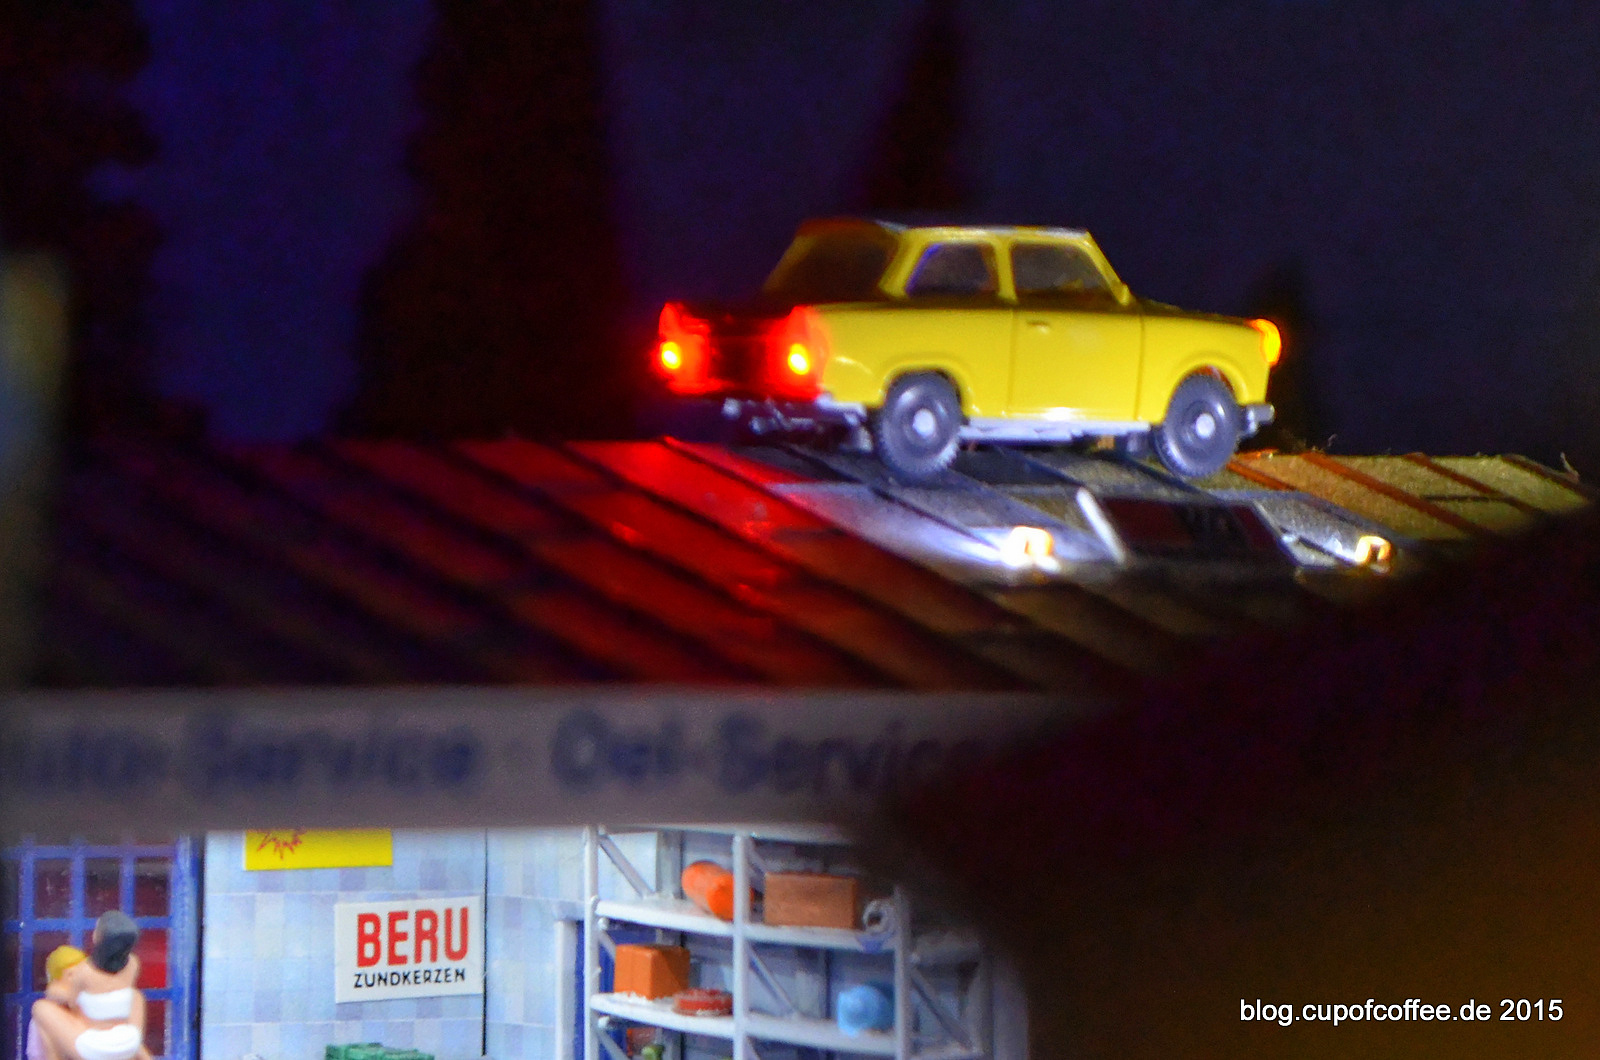 Wenn der Trabbi merkwürdig klappert, kann die Ursache im Motorraum liegen, muss aber nicht.